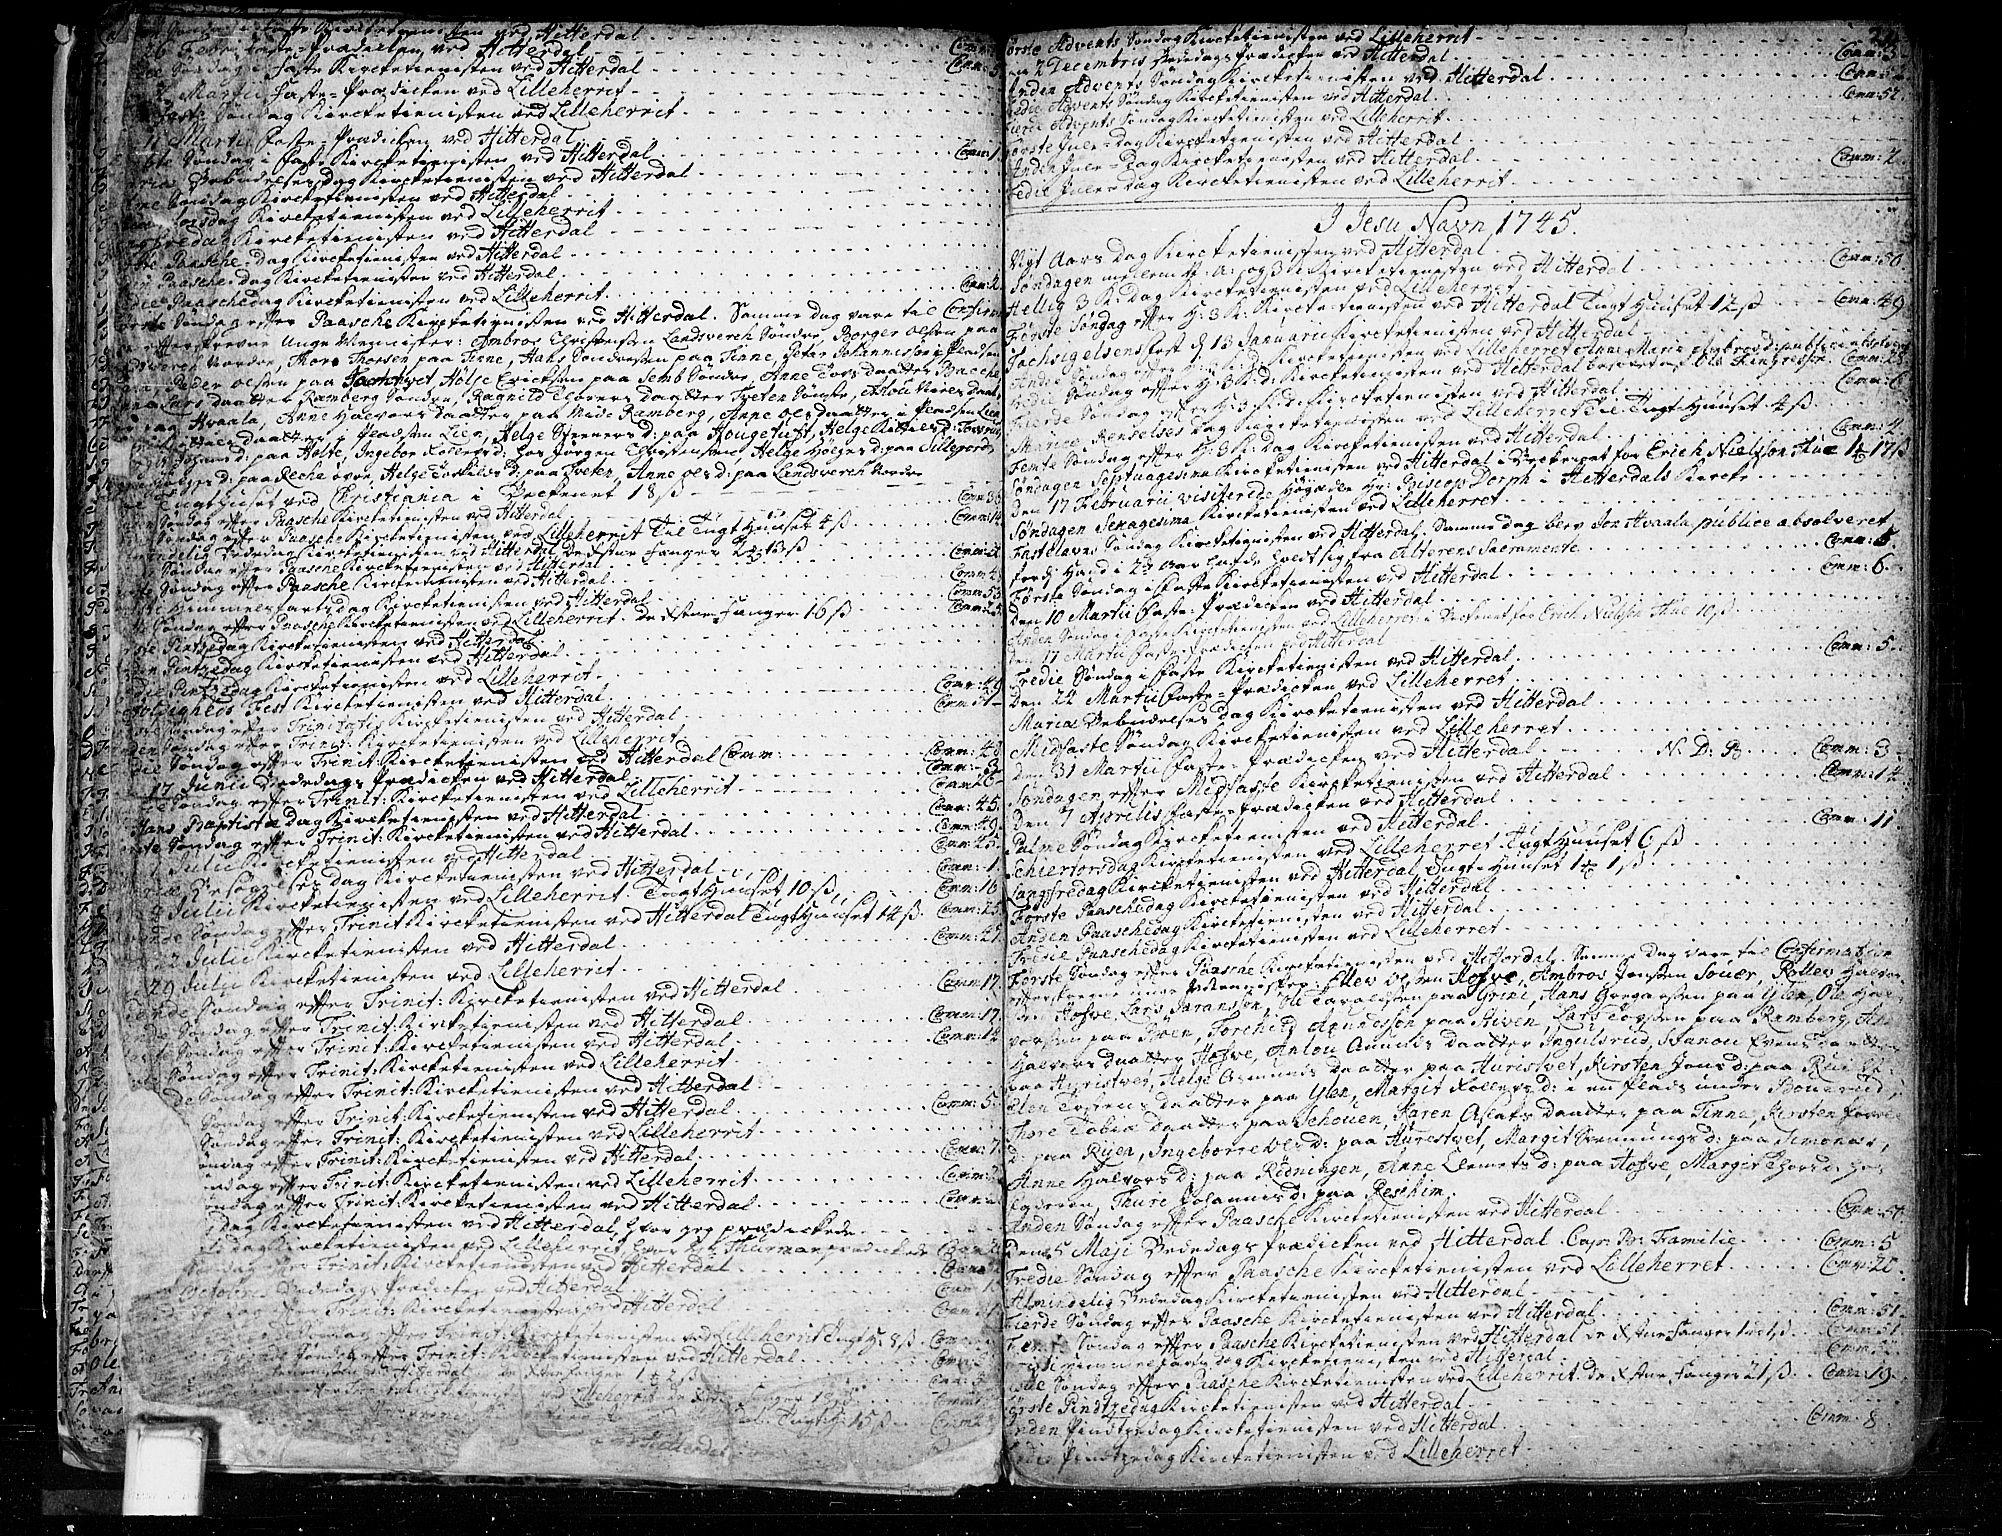 SAKO, Heddal kirkebøker, F/Fa/L0003: Ministerialbok nr. I 3, 1723-1783, s. 20